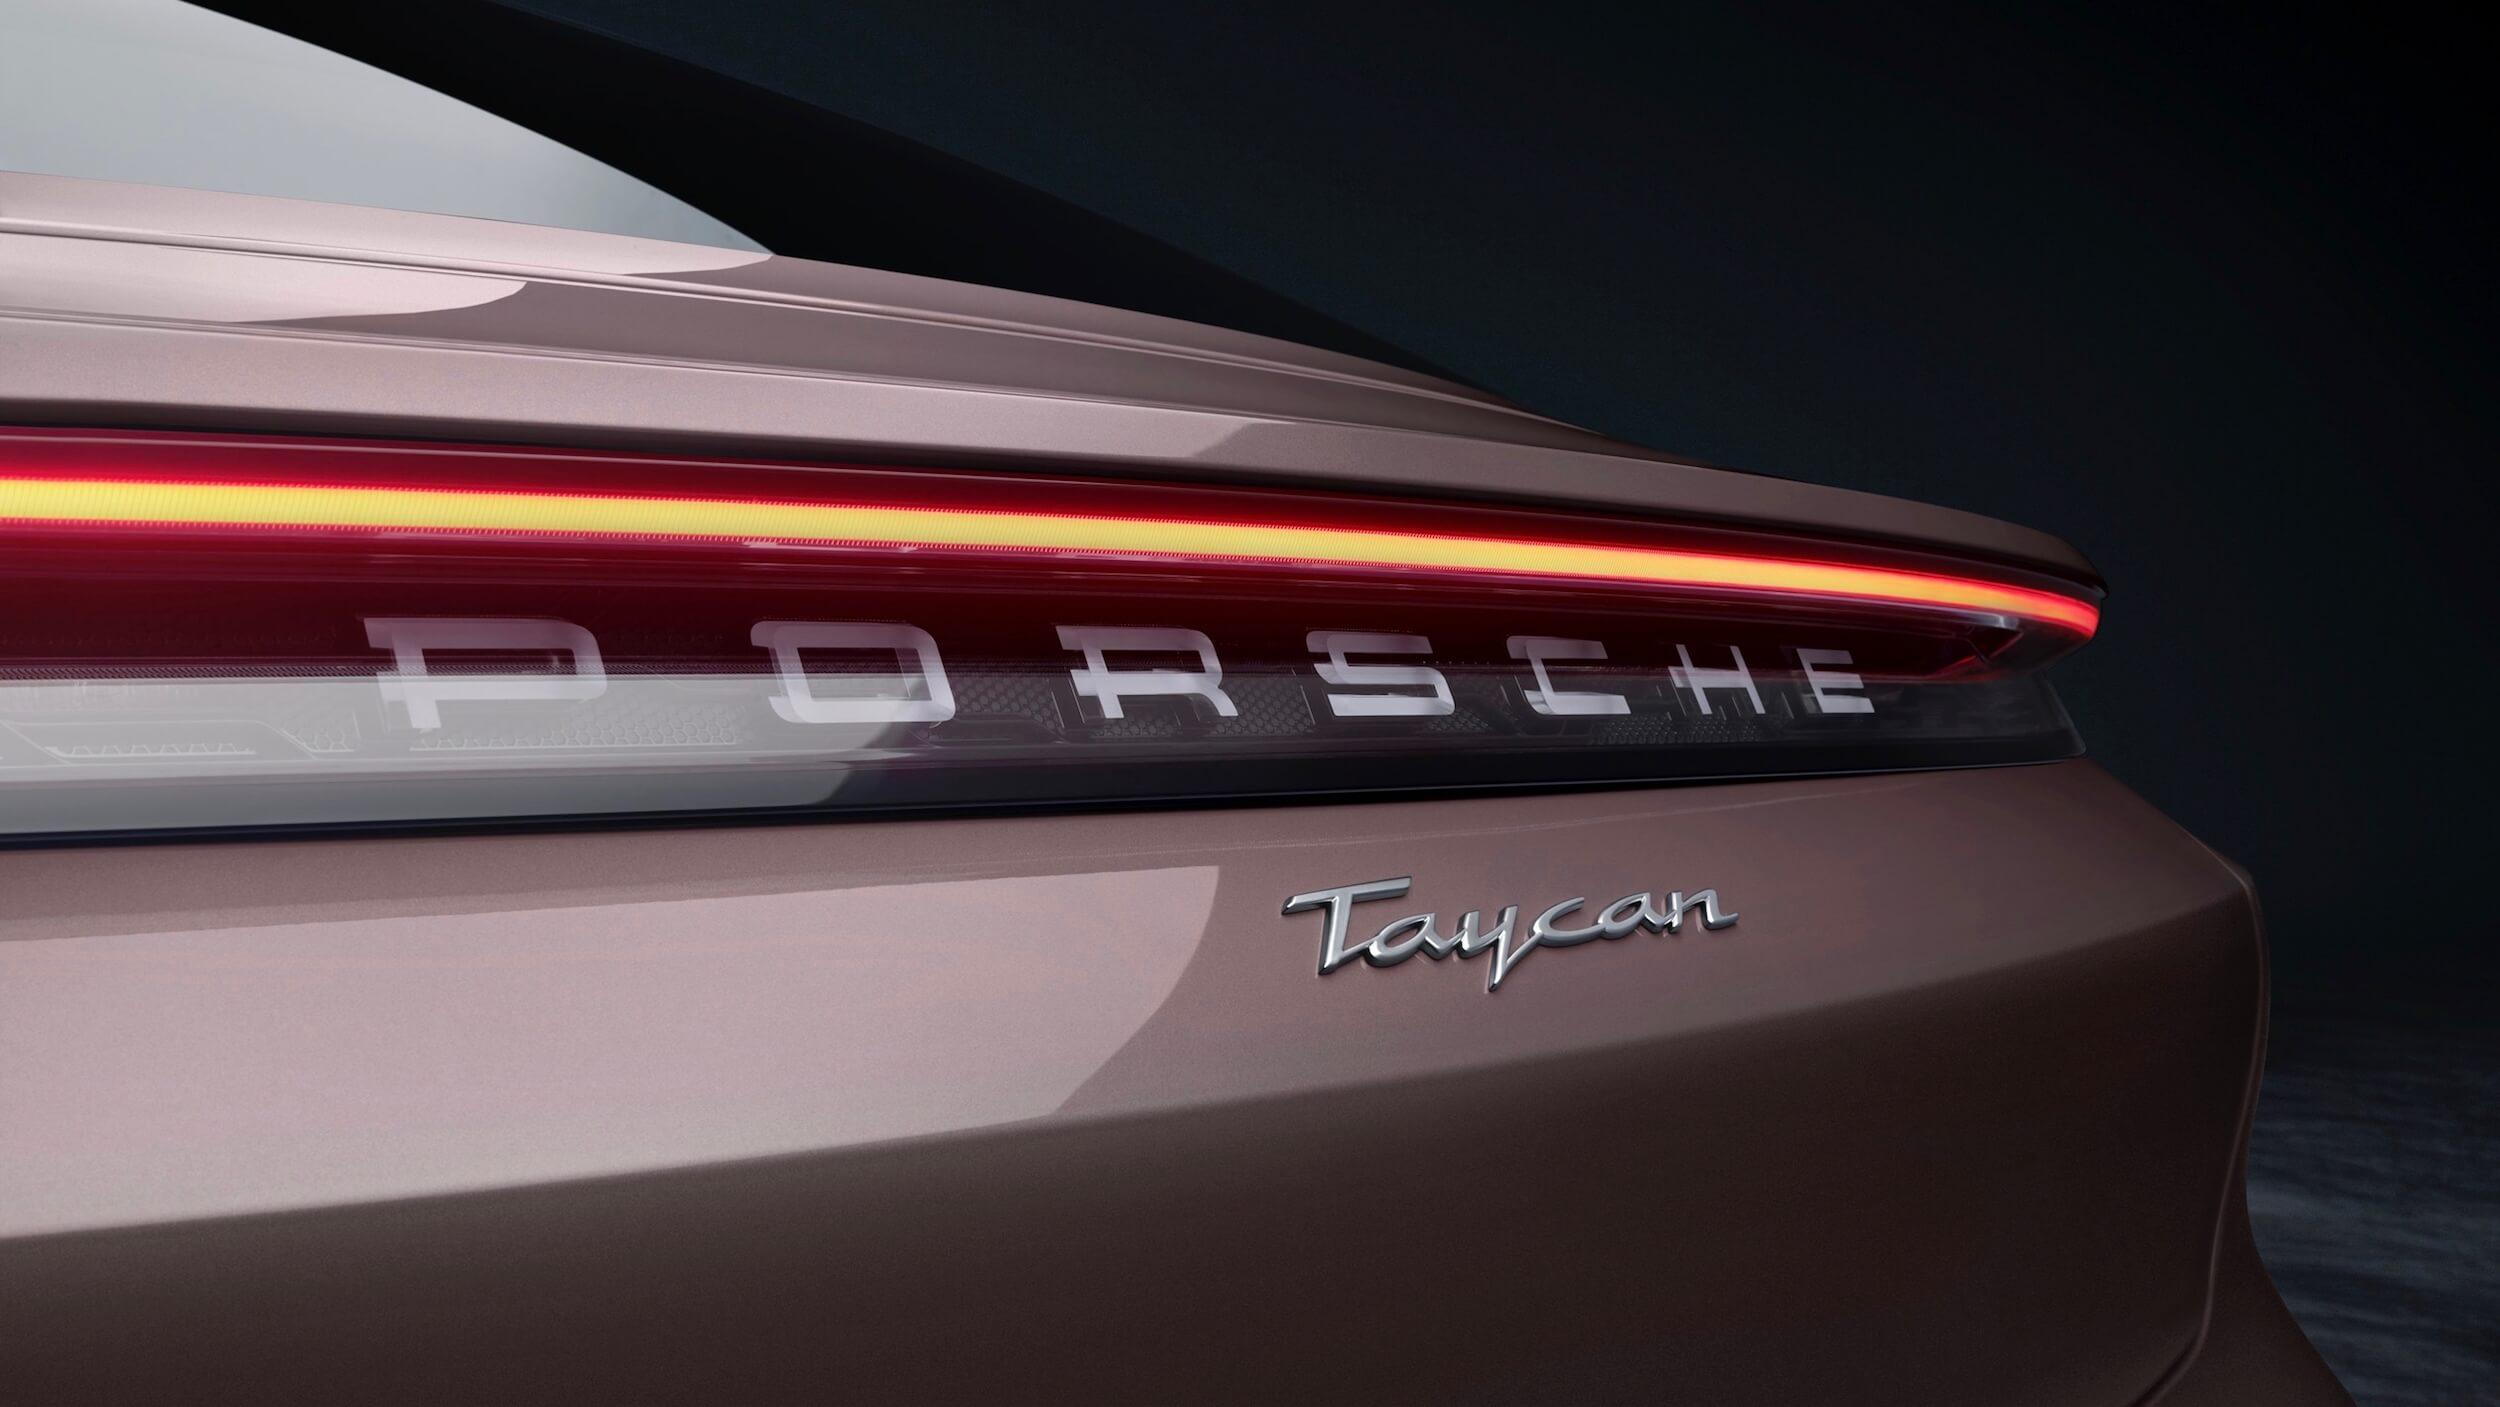 Porsche Taycan badge